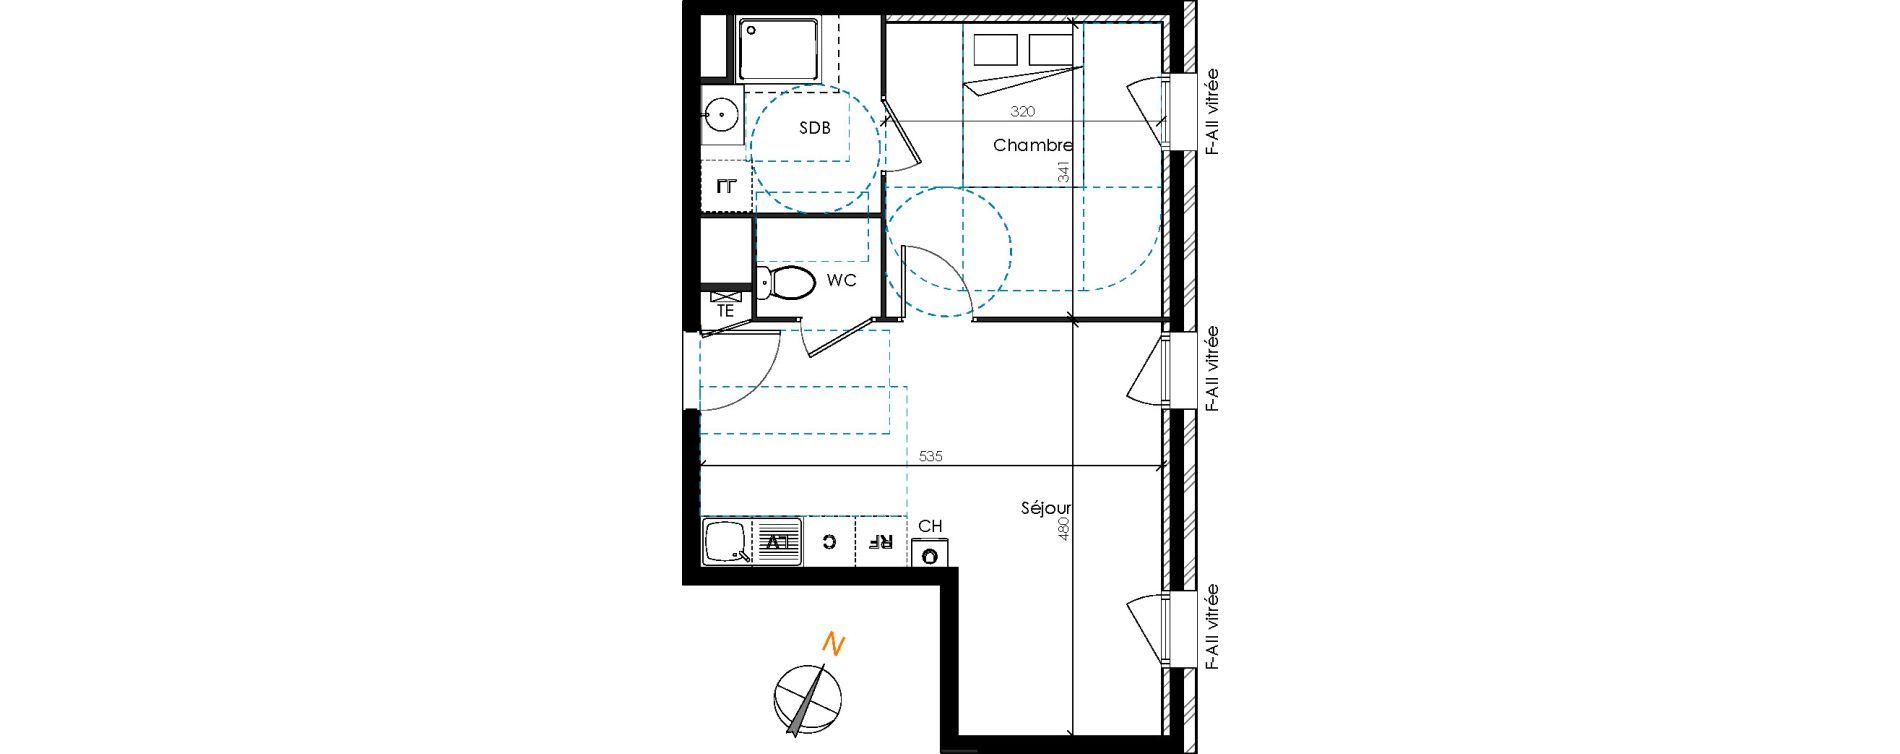 Appartement T2 de 36,98 m2 à Brignais Centre